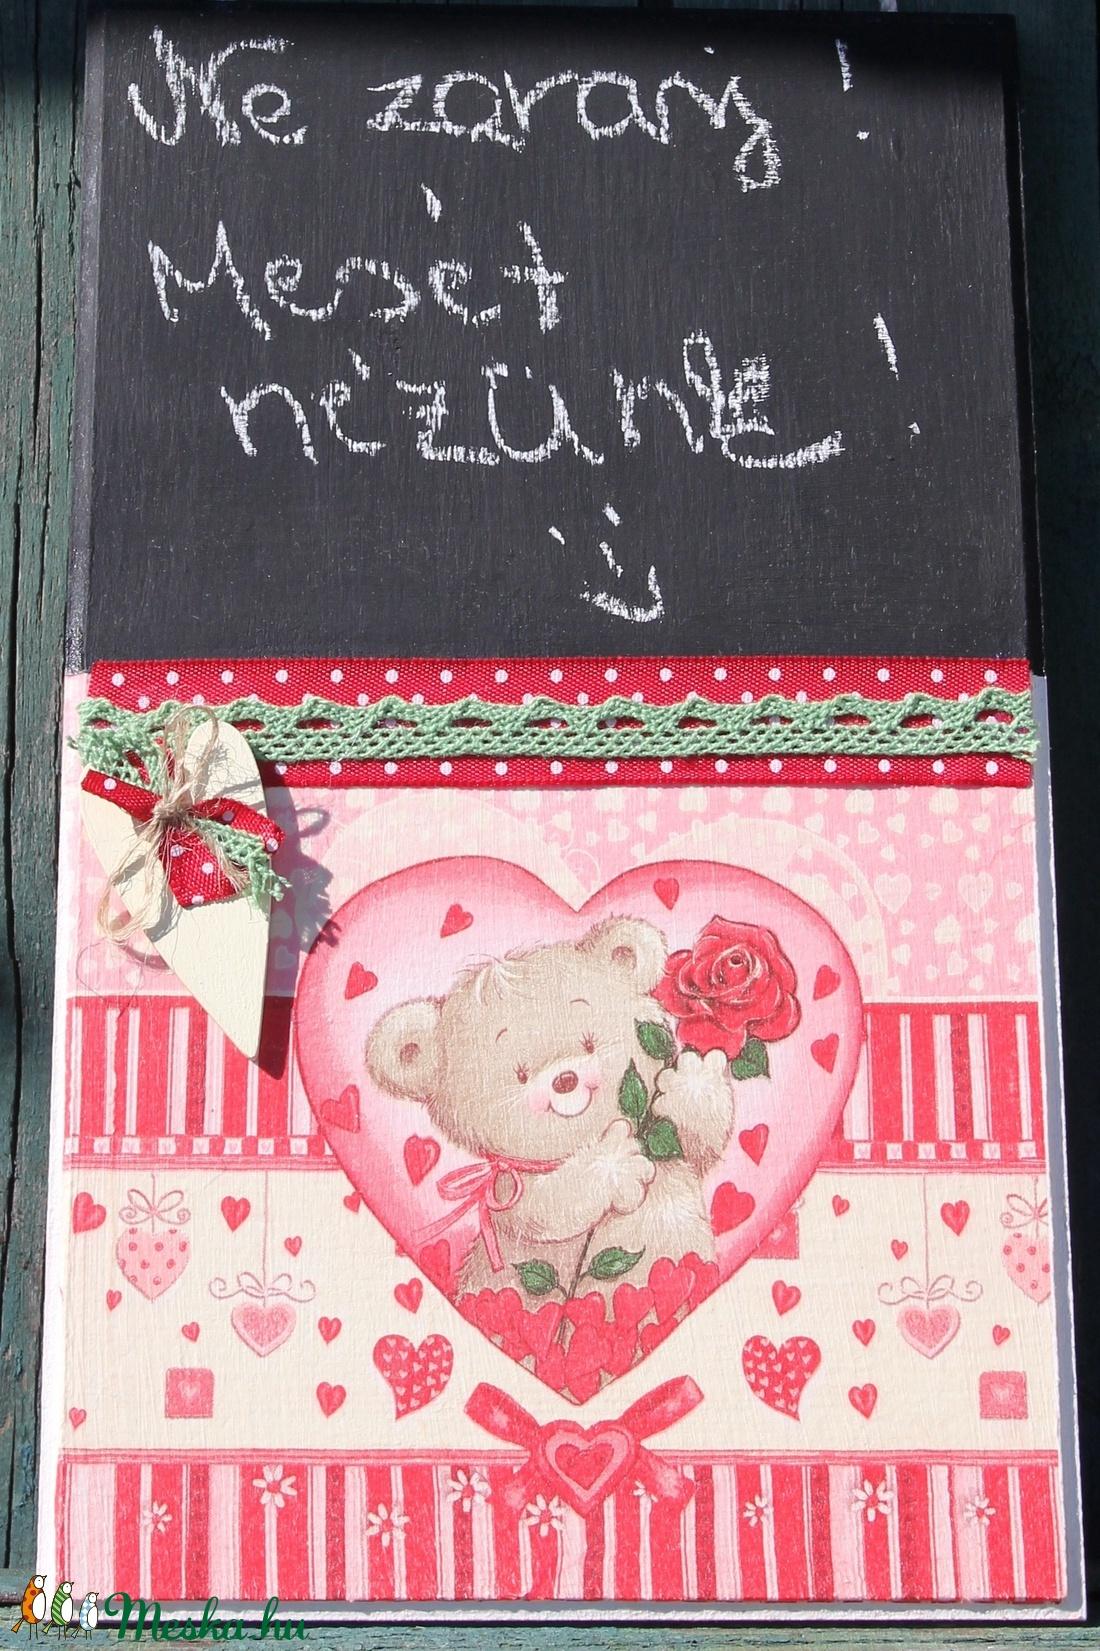 Ajtódísz kislányszobákra   :-)  - otthon & lakás - dekoráció - betű & név - Meska.hu